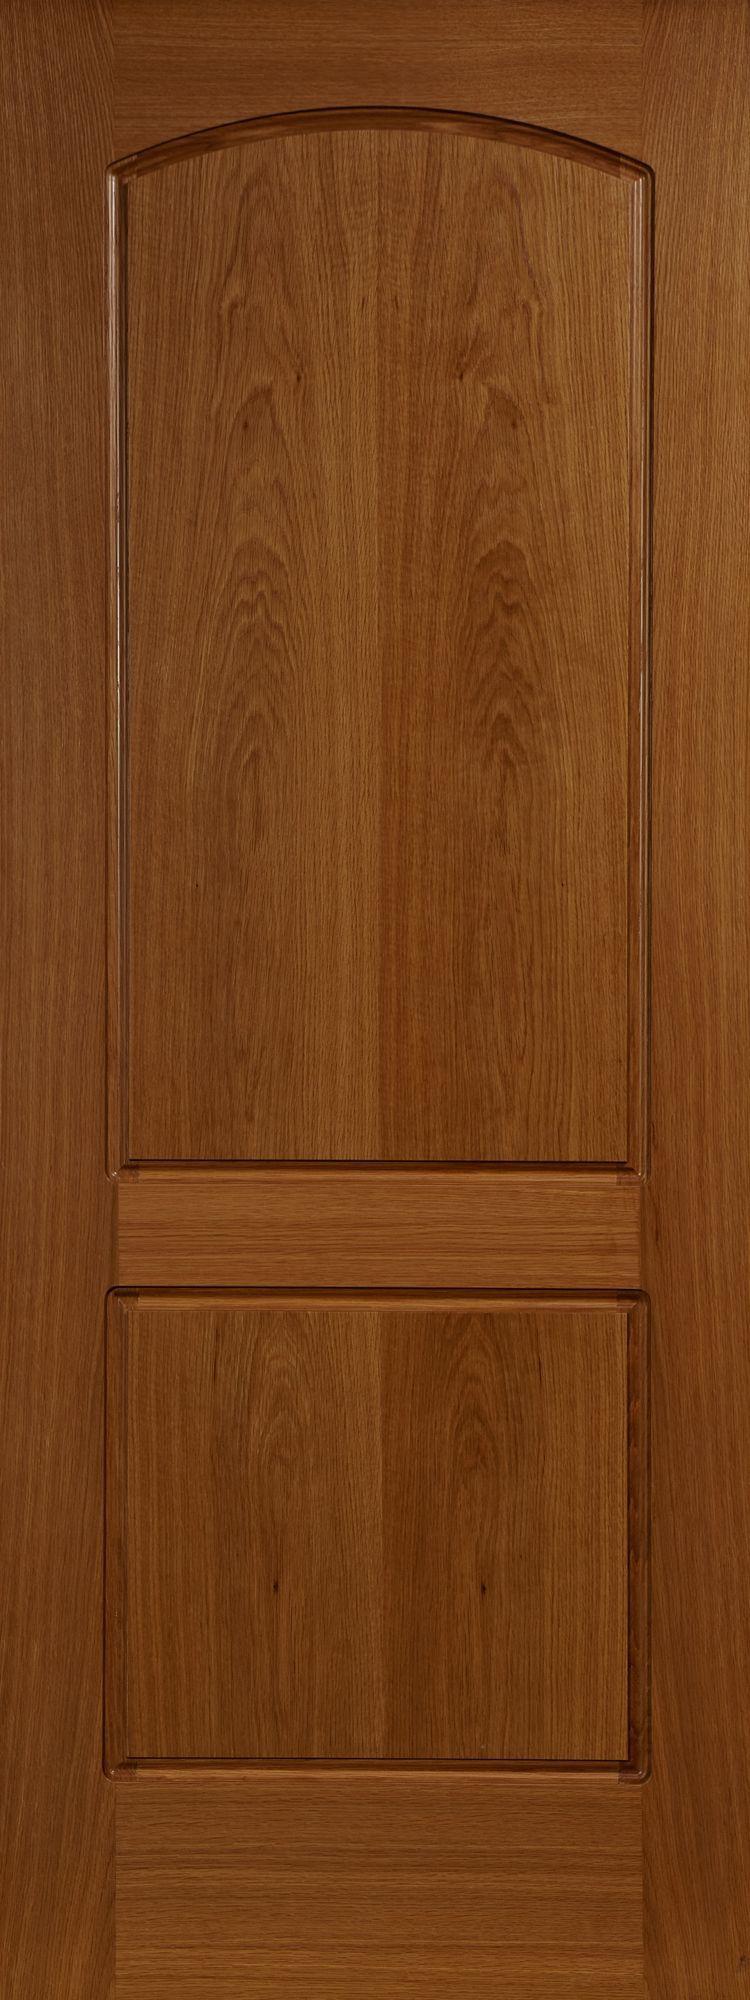 2 panel oak veneer internal fire door h 1981mm w 686mm for Wood veneer garage doors